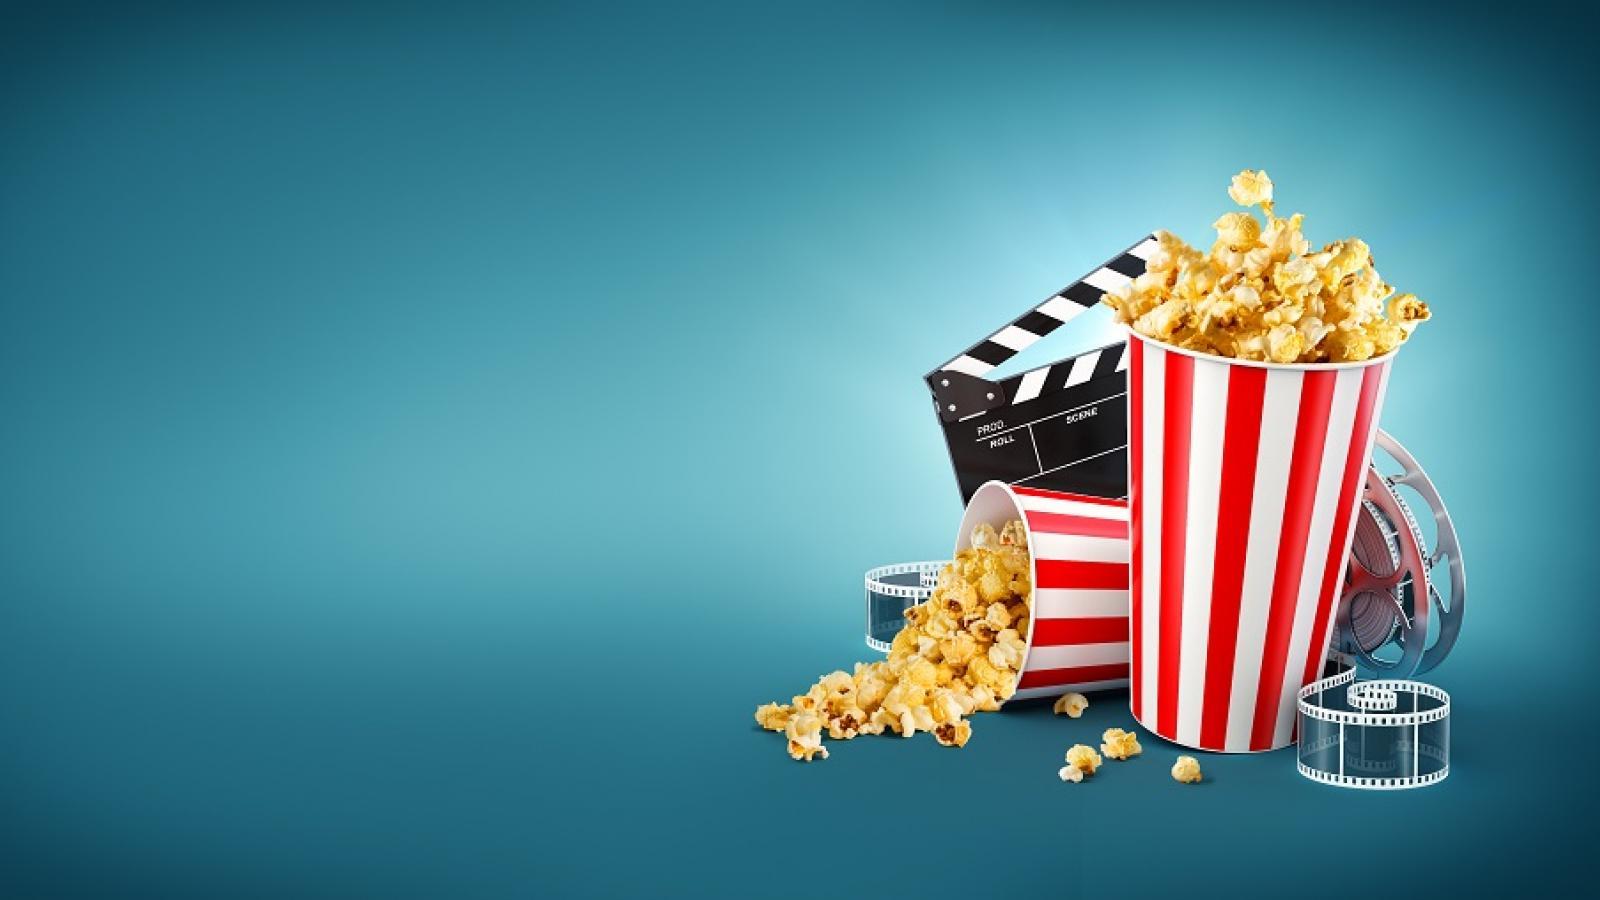 VOX Cinemas reopened its doors in Qatar